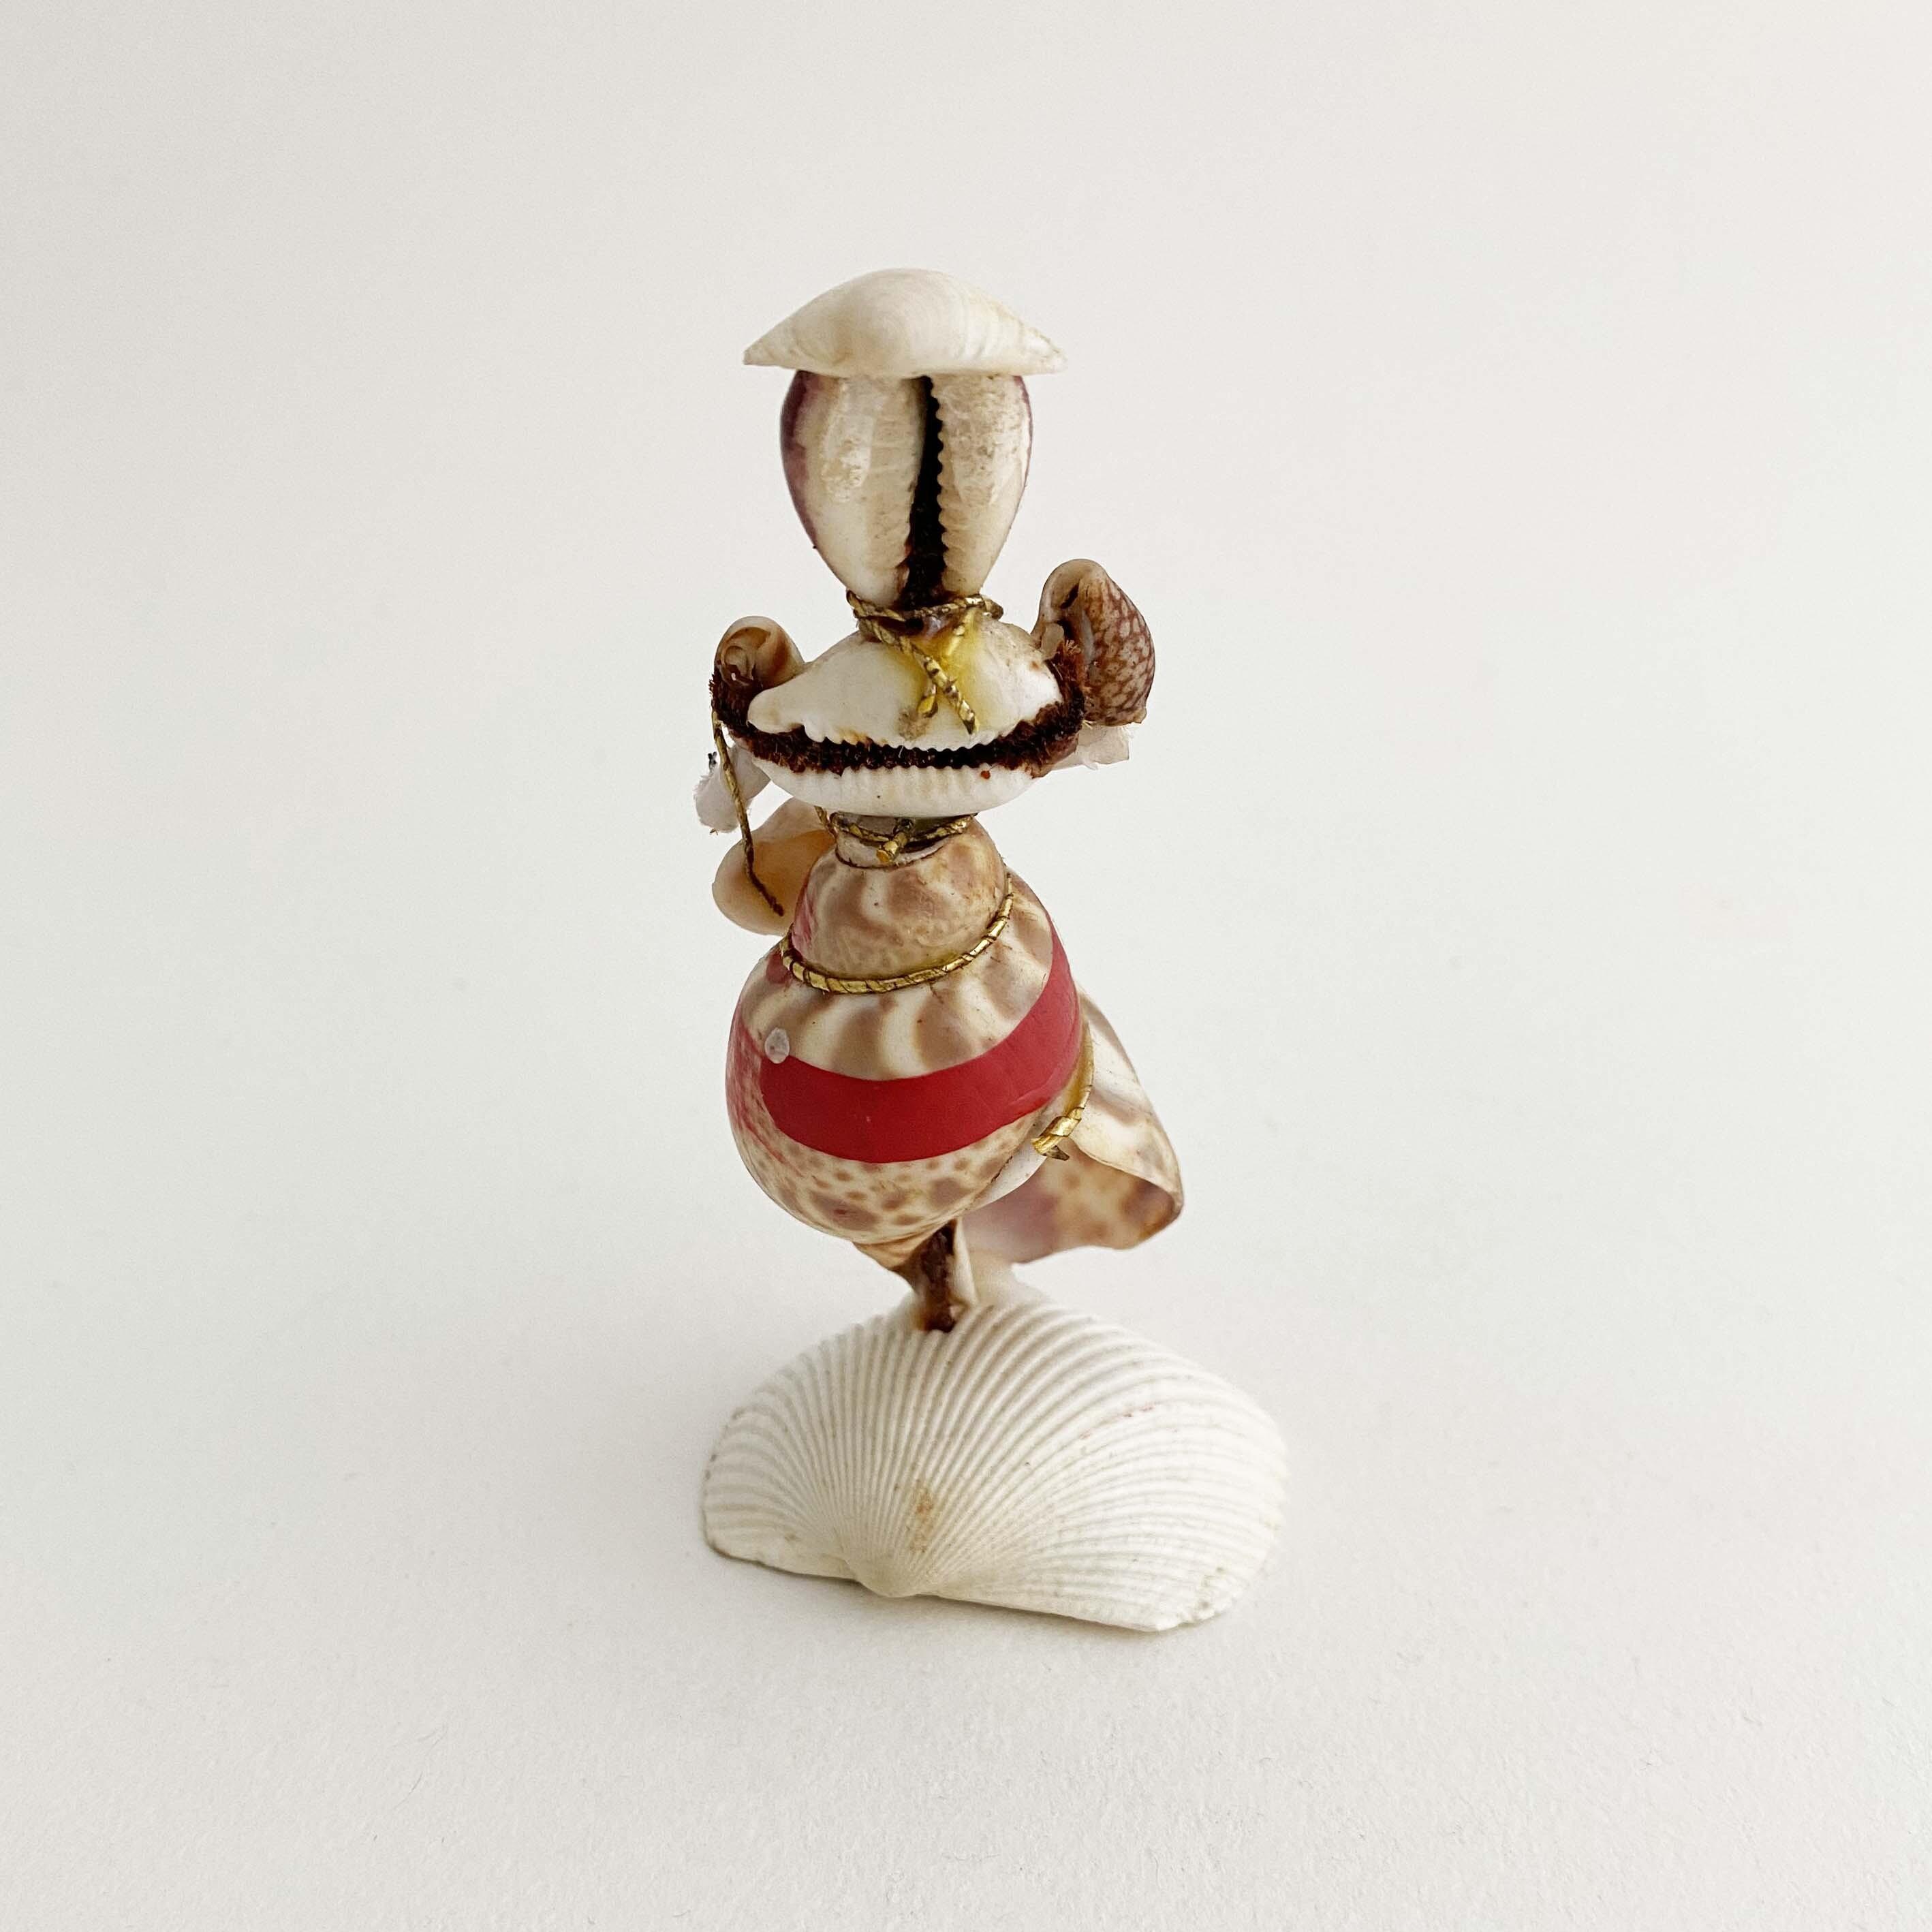 デッドストック昭和 貝人形お嬢さん(バイ貝)